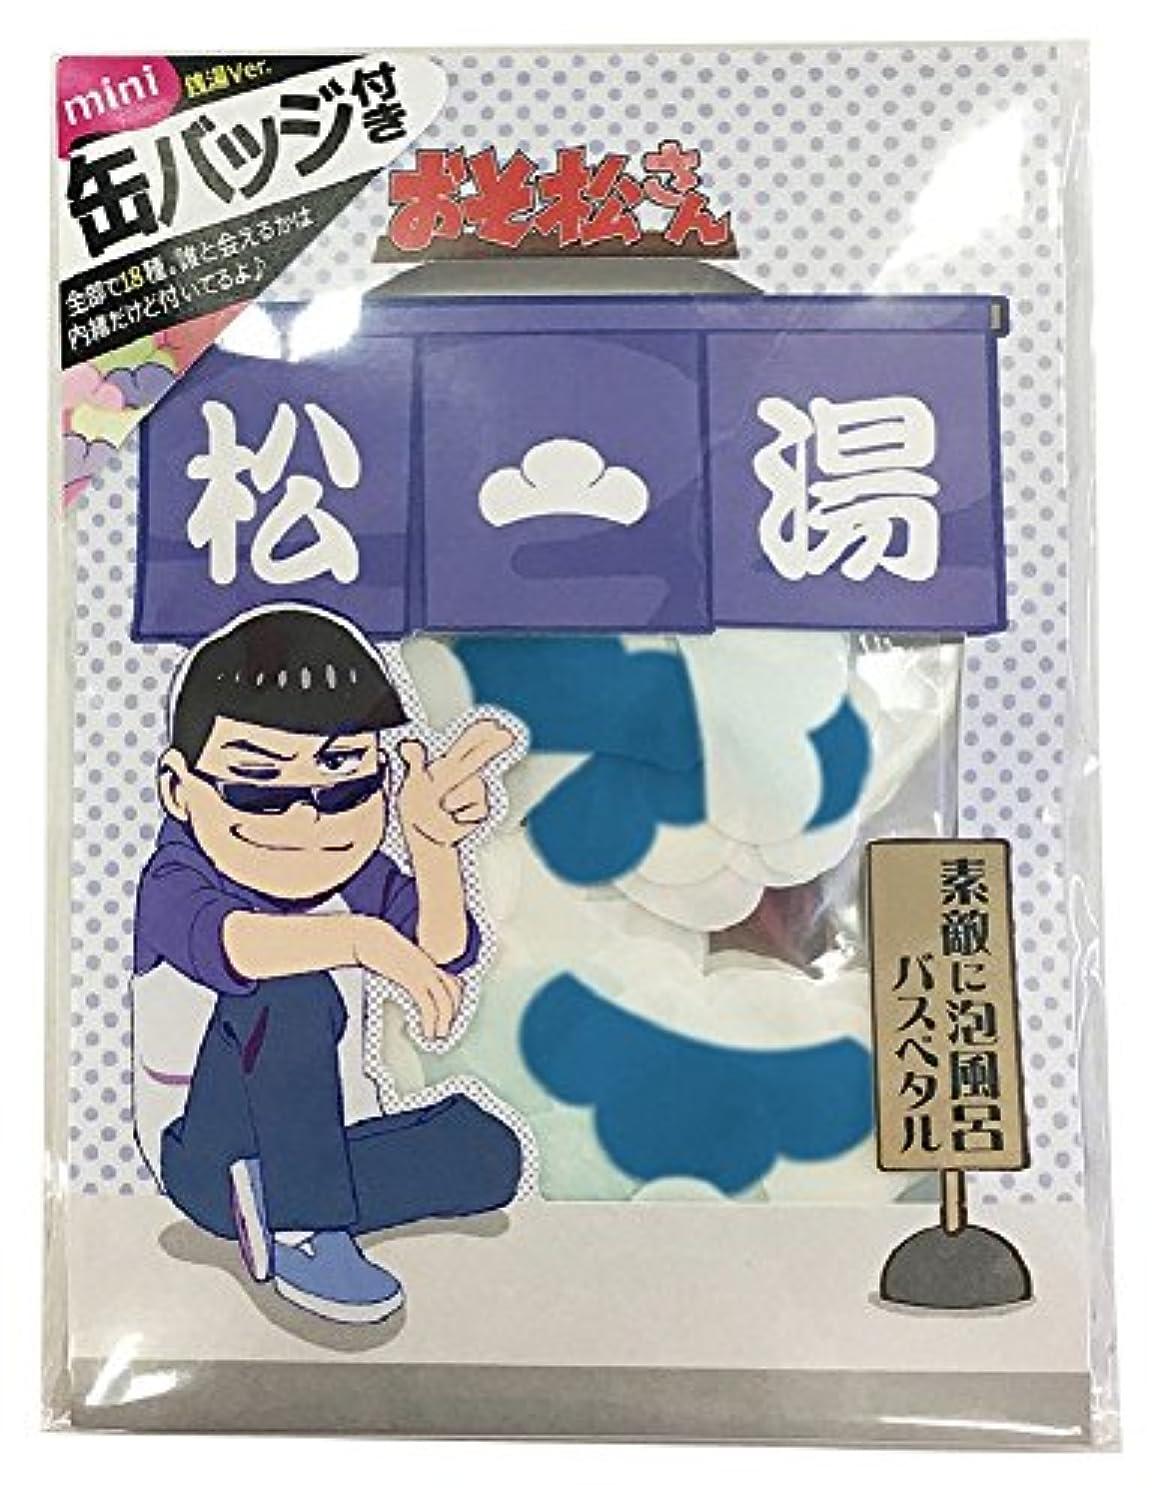 盆地鋼七面鳥おそ松さん 入浴剤 バスペタル カラ松 香り付き ミニ缶バッジ付き ABD-001-002